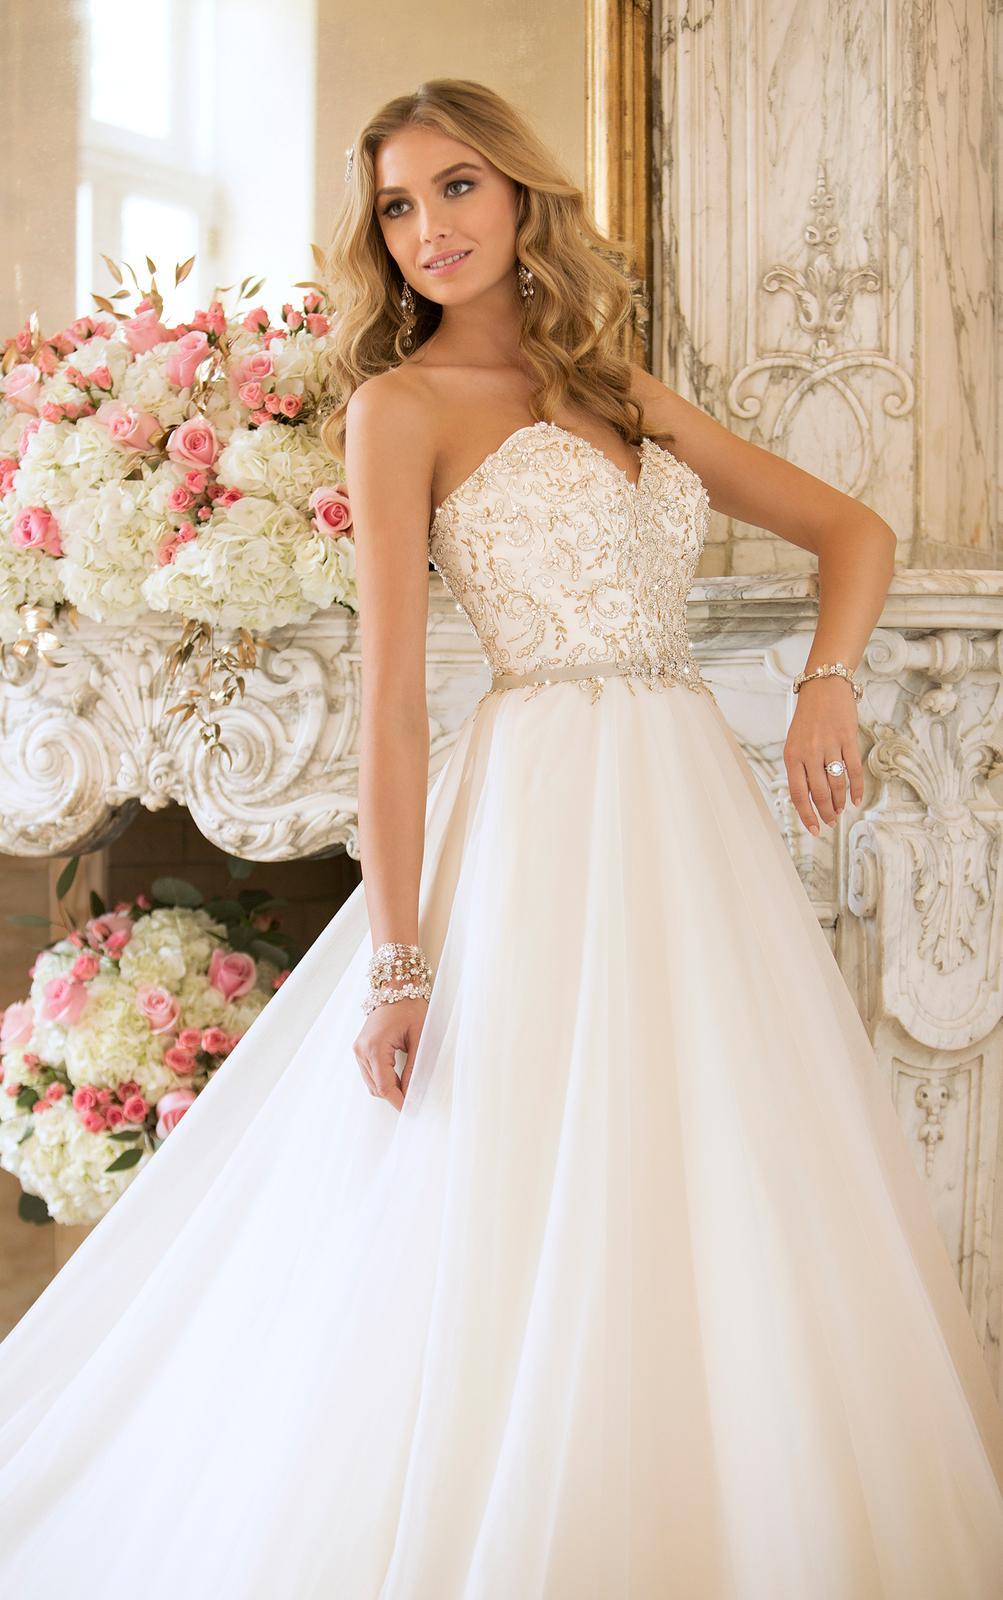 Svadobné šaty, čo sa mi páčia :) - Obrázok č. 21